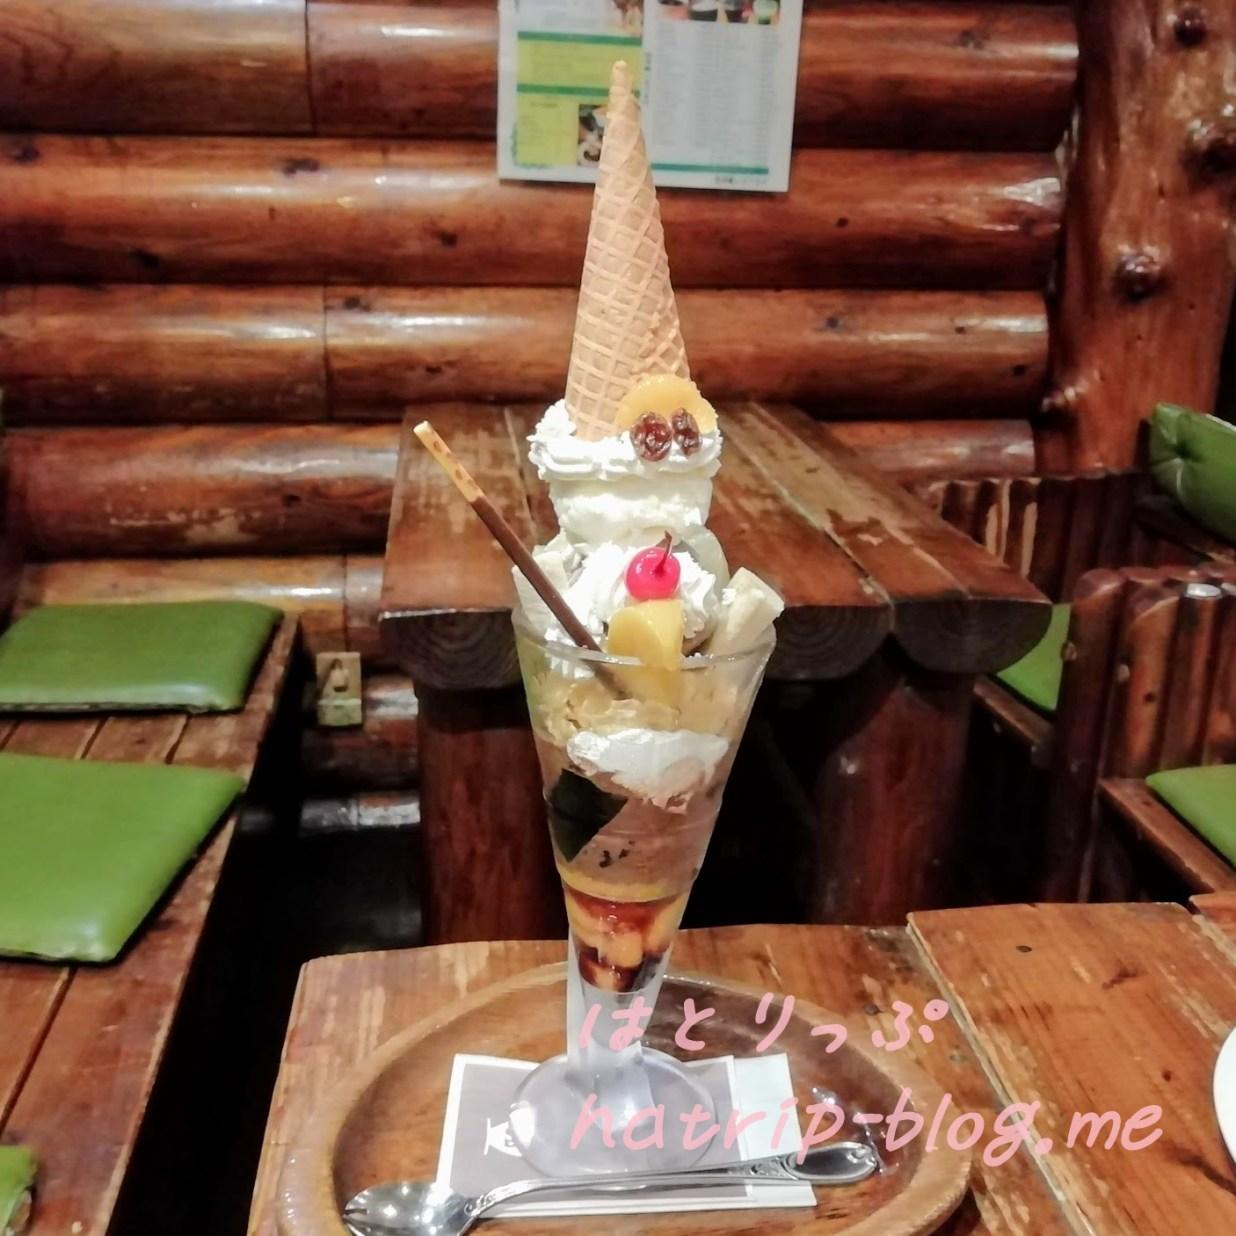 珈琲屋 OB オービー ログ八潮店 本店 チョコレートパフェ